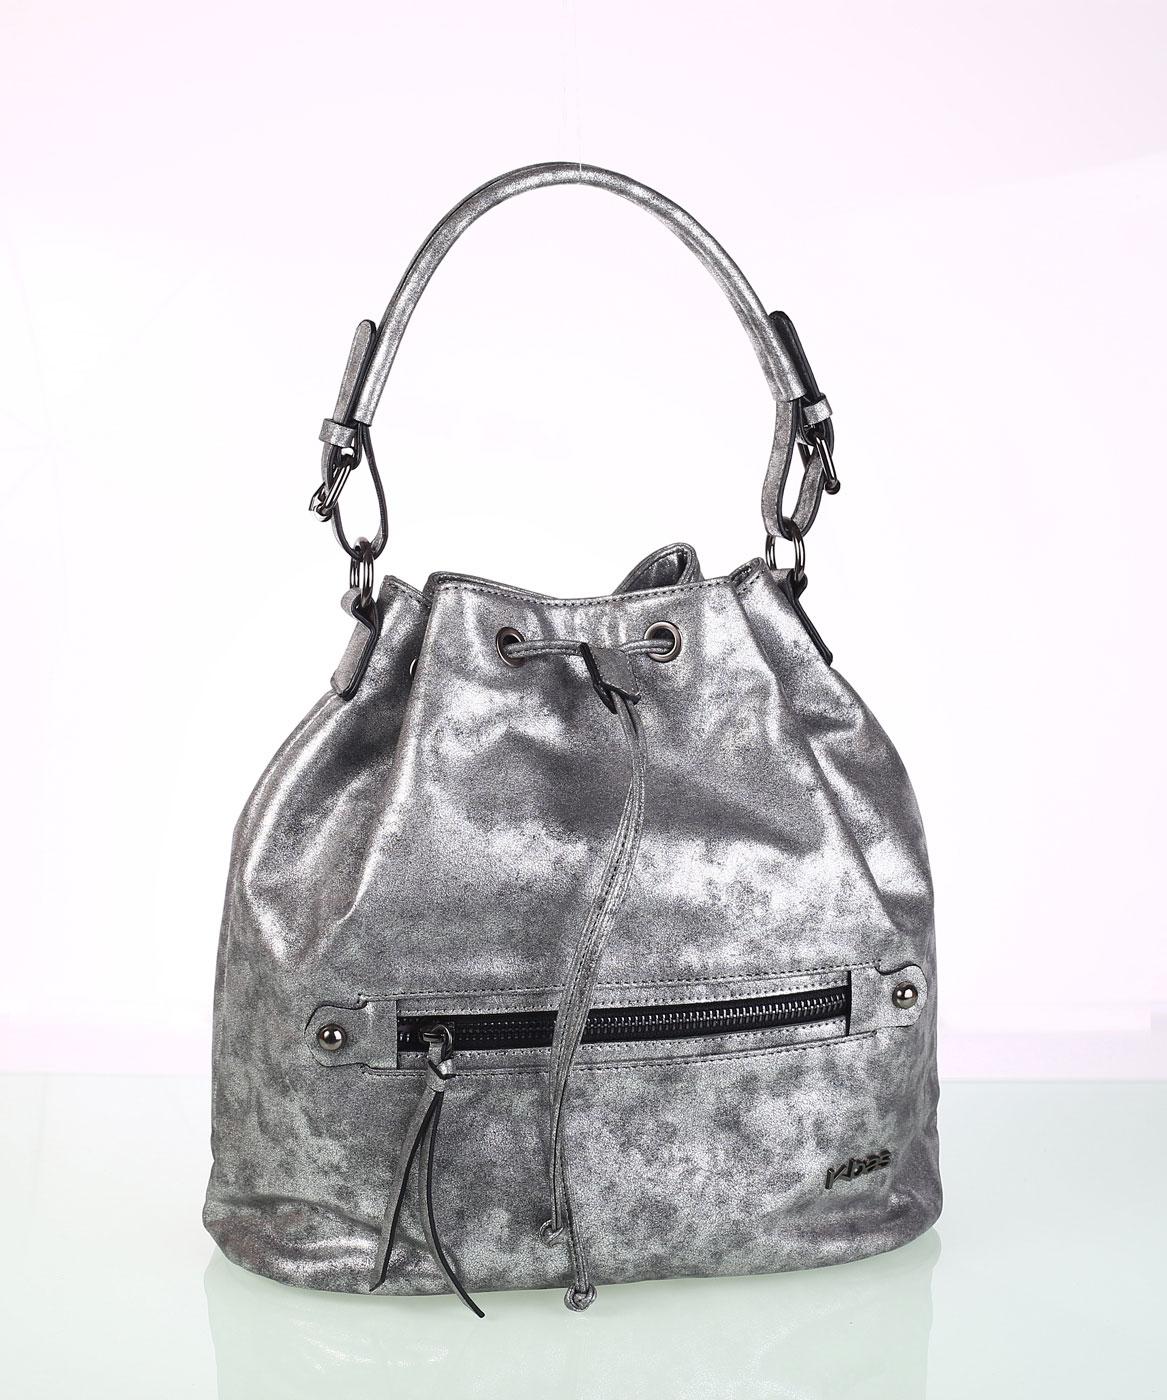 6fca3f6fe4 Elegáns női táska ekobőrből Kbas fémes visszfénnyel ezüst